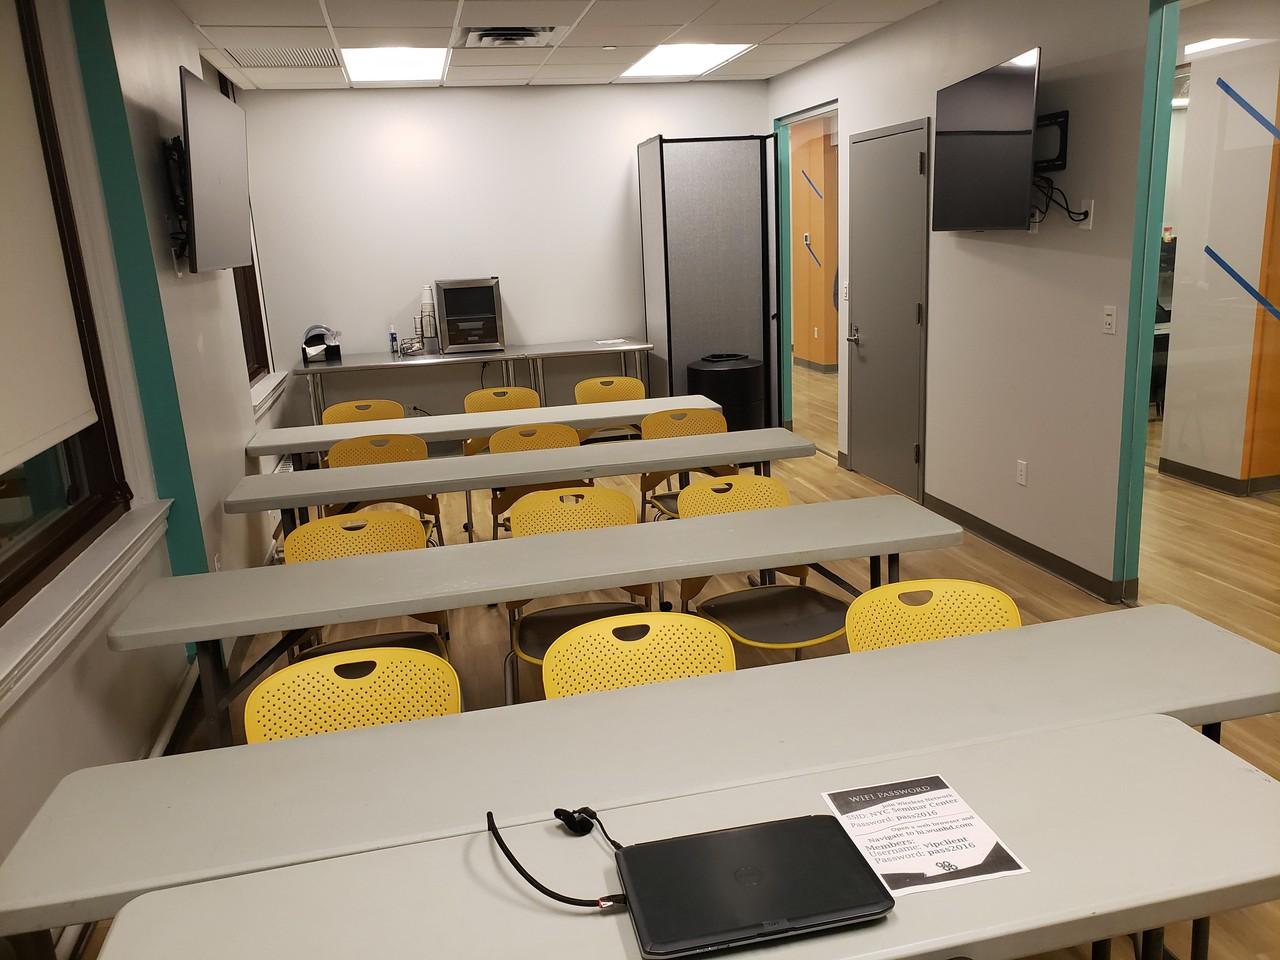 NYC workshop spaces Meeting room Meeting Room 1 image 2